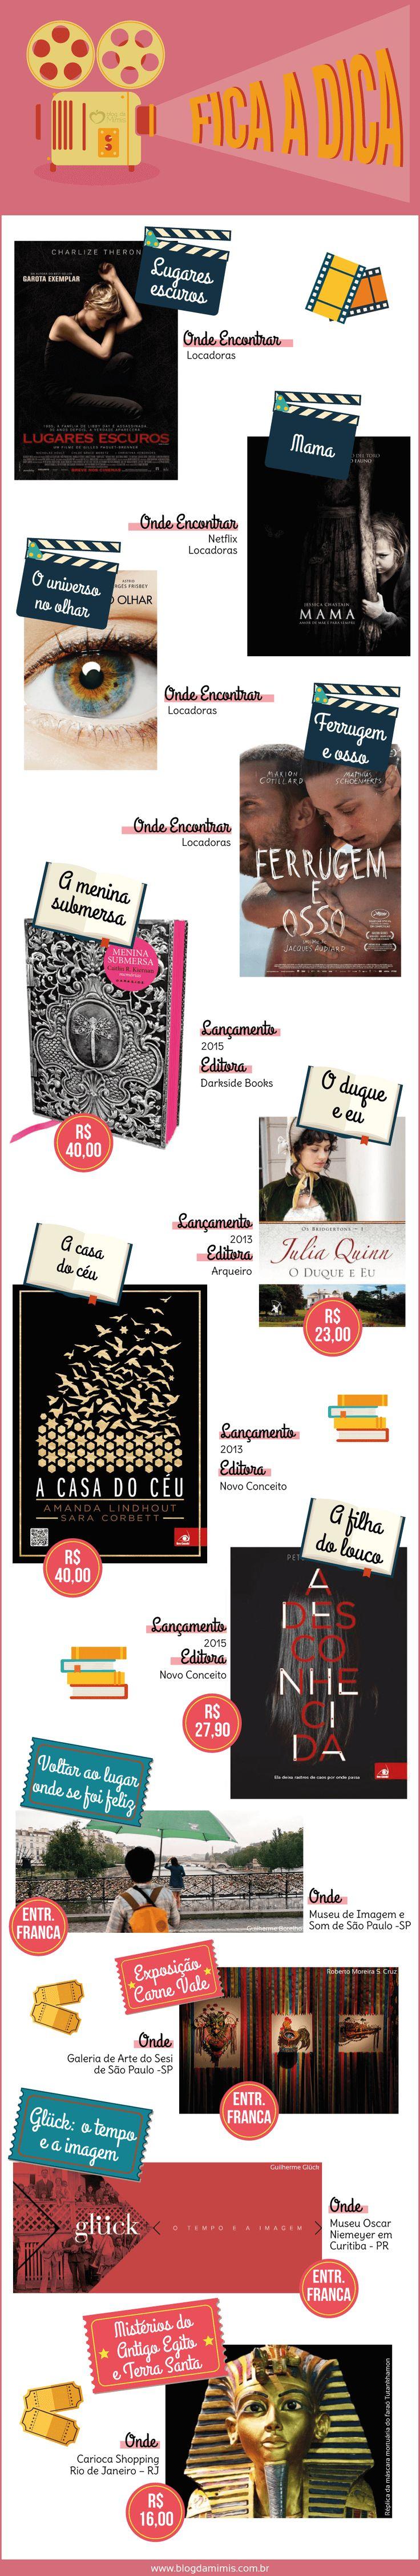 Fica a Dica: janeiro - Blog da Mimis - Sugestões de livros, filmes, séries e exposições.